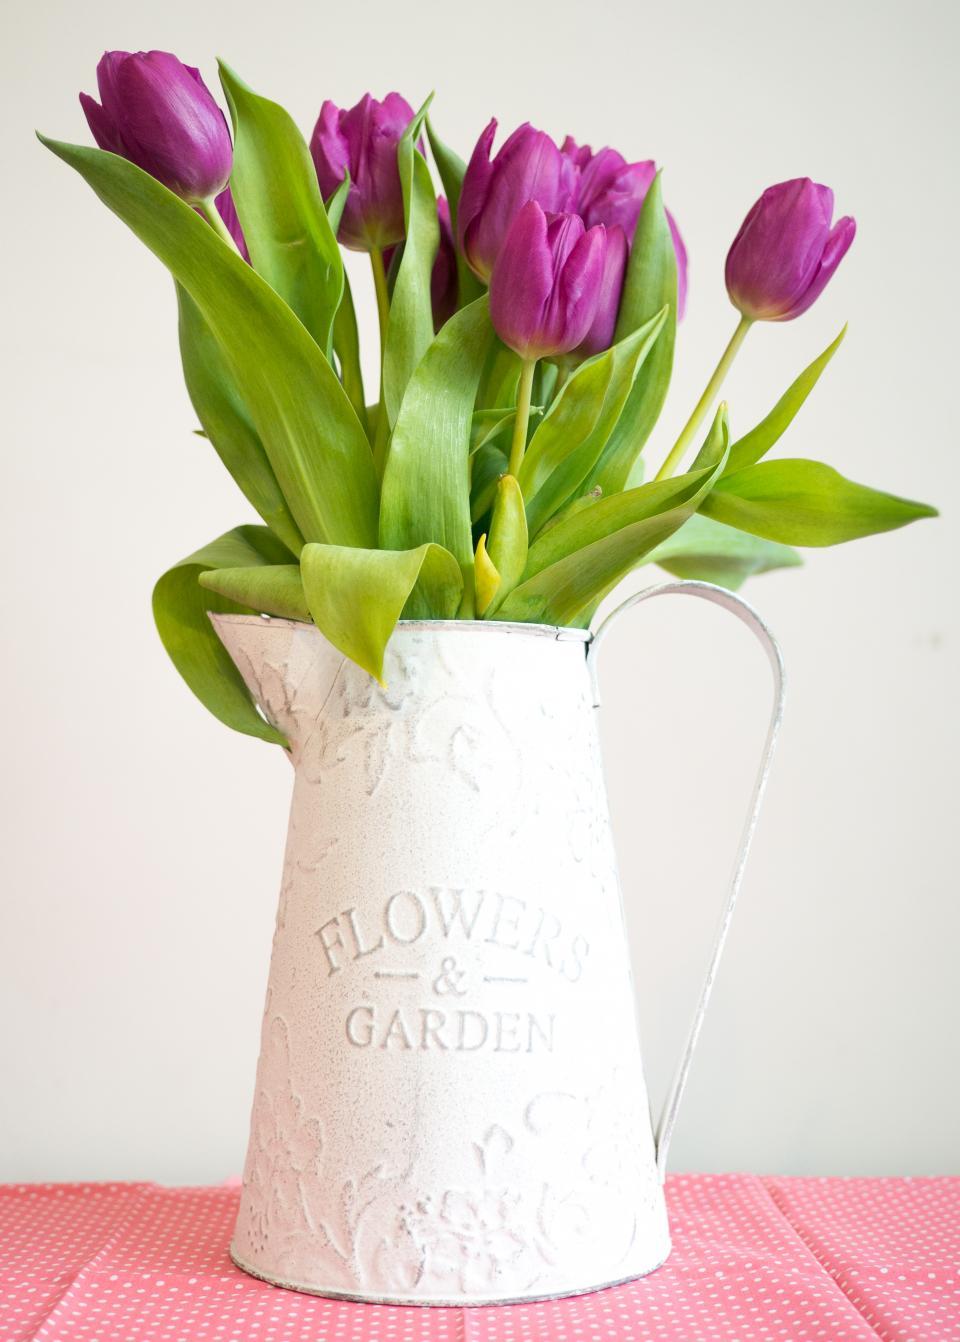 violet, tulip, pitcher, garden, interior, flower, pink, mat